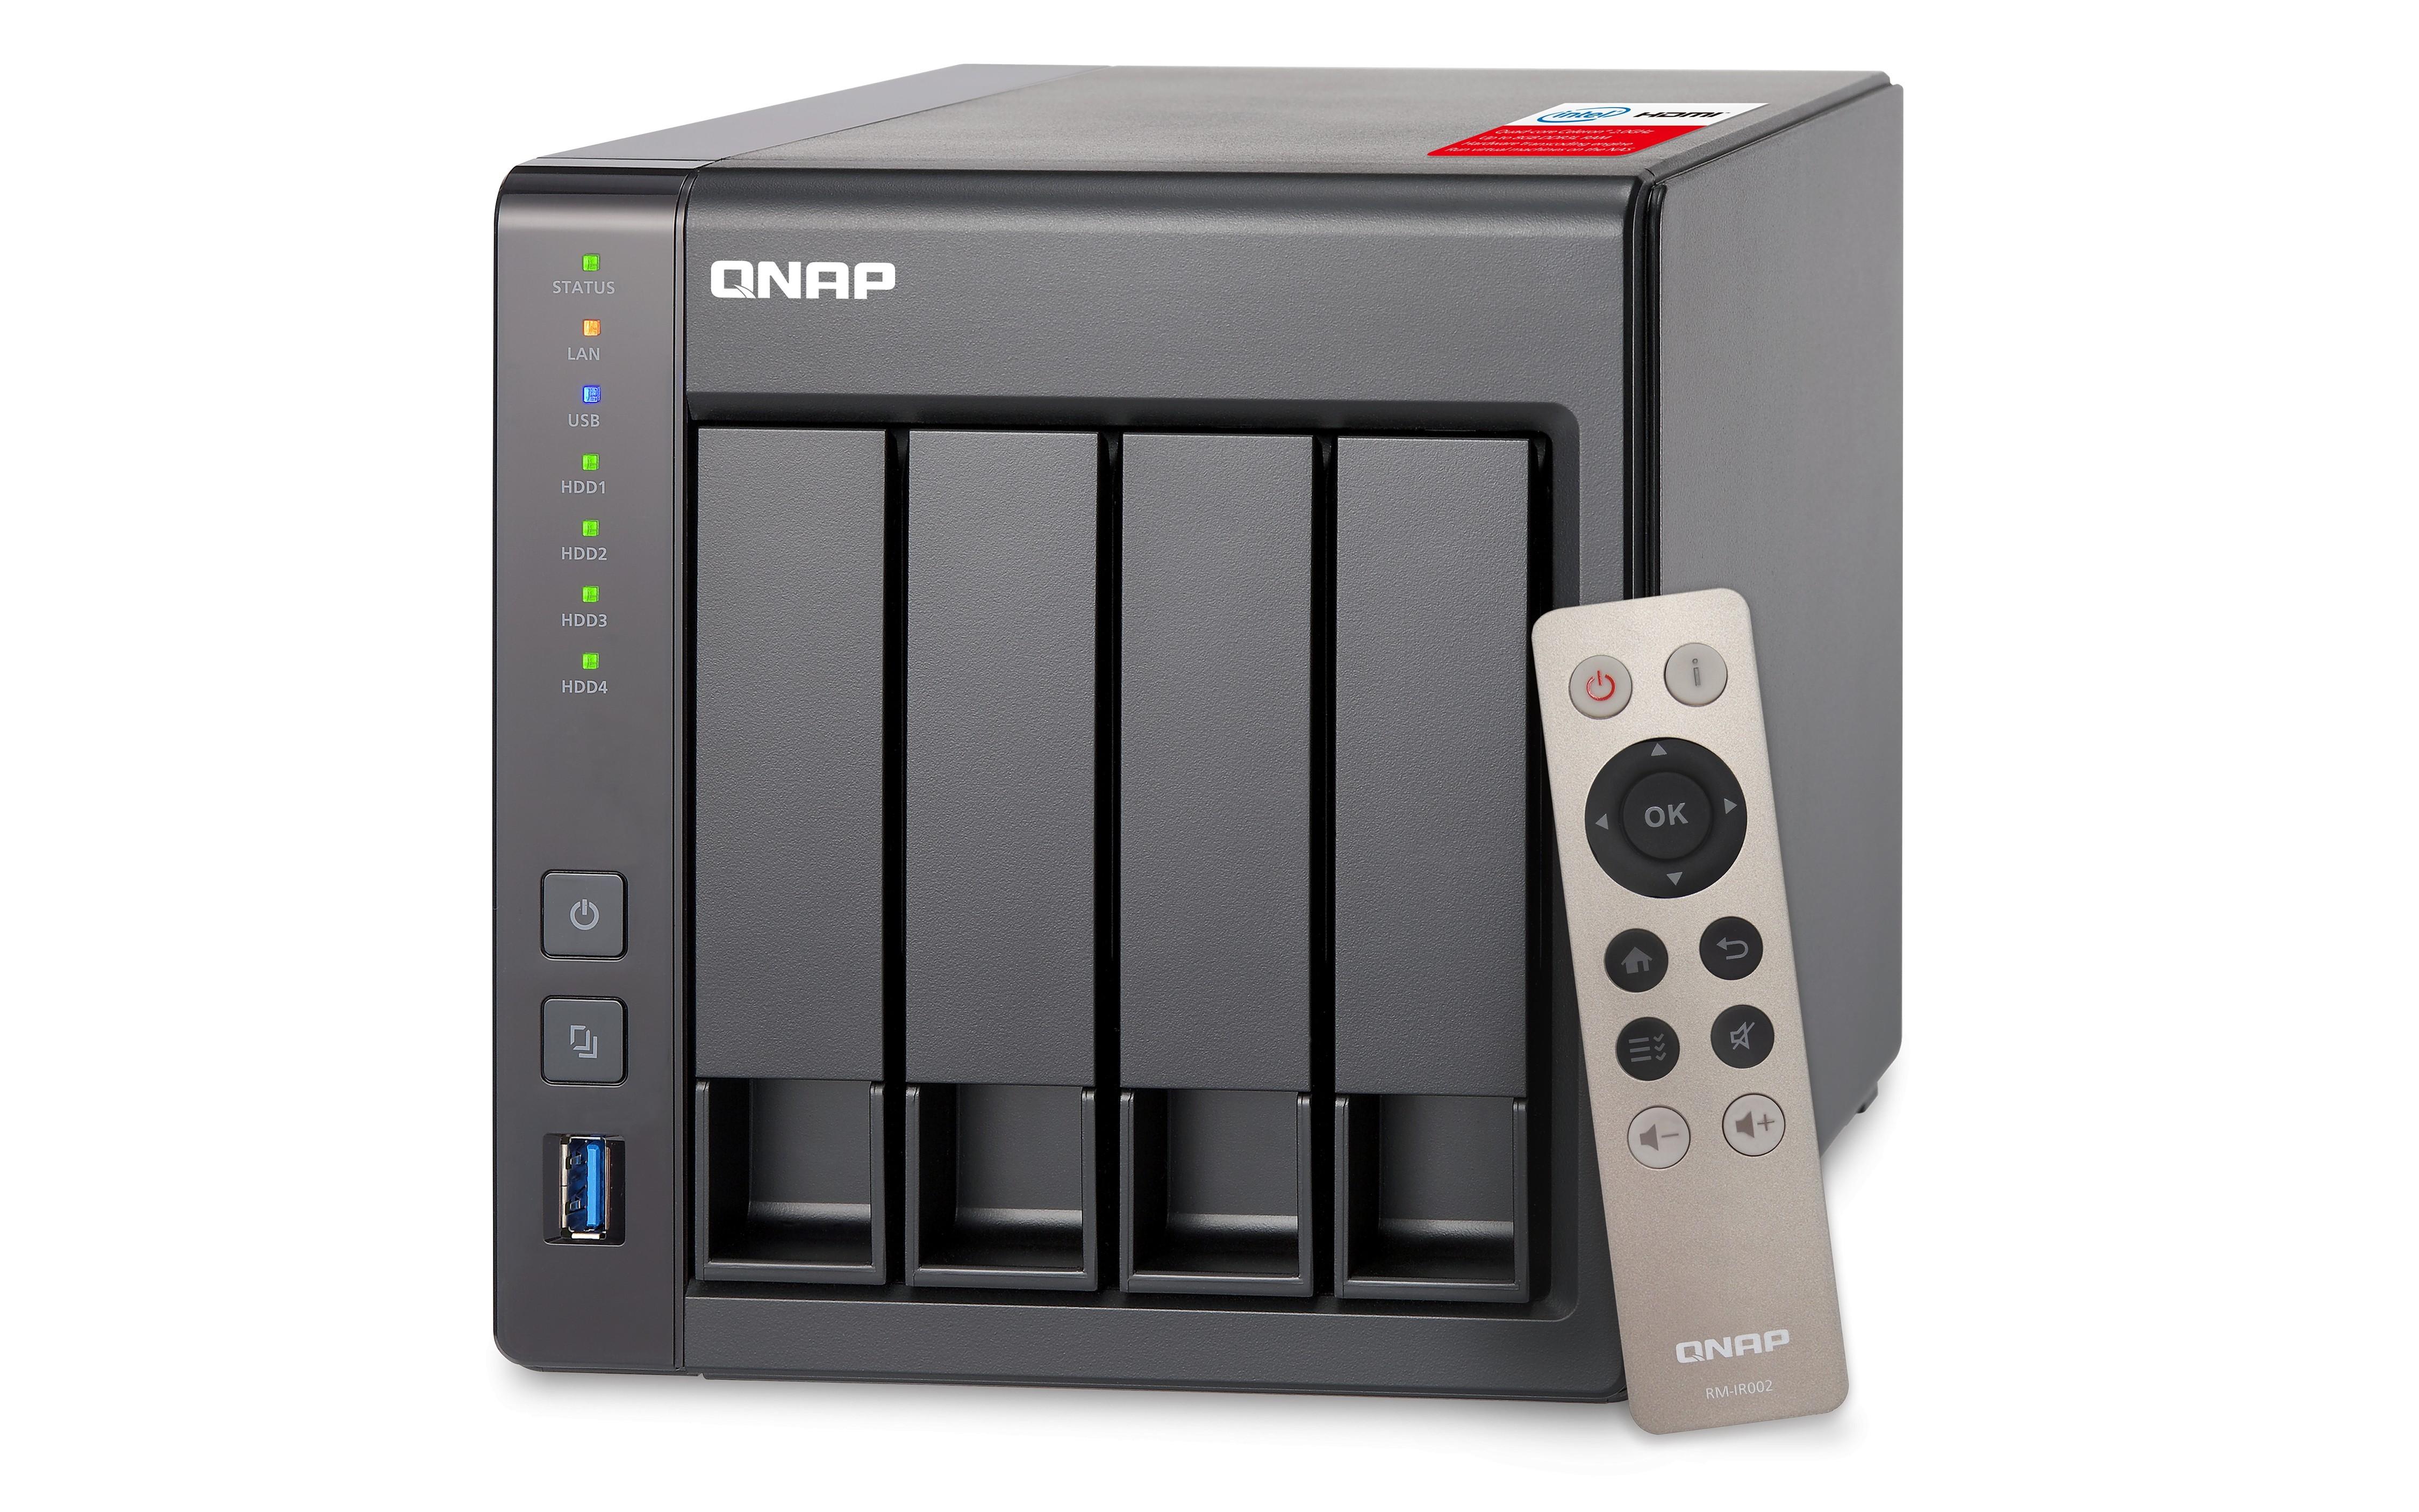 Novi TS-451+ omogoča hitrejše shranjevanje po mreži in uporabo virtualizacije.